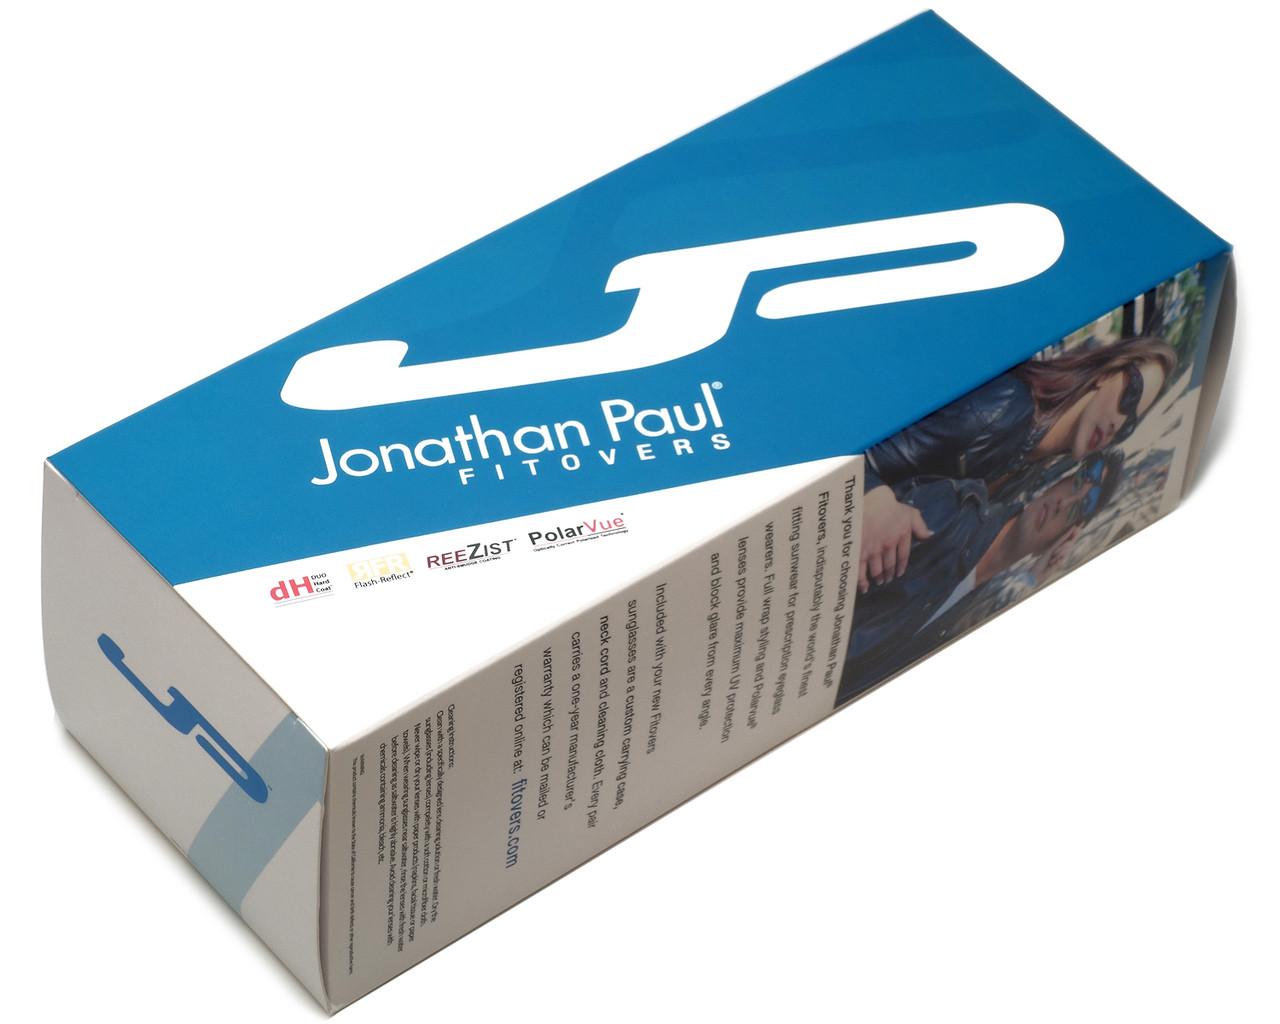 Ships in Original Jonathan Paul® Packaging